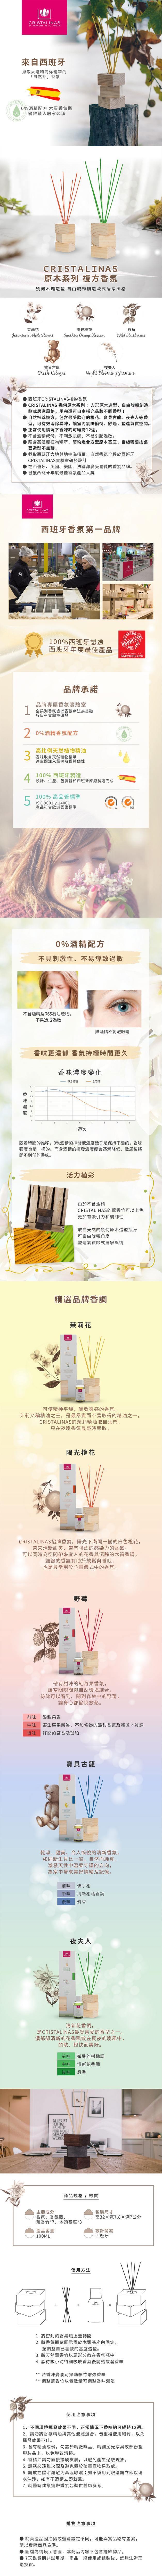 (複製)Cristalinas色彩療法 複方香氛 (125ML)- 森林綠/綠茶花香調